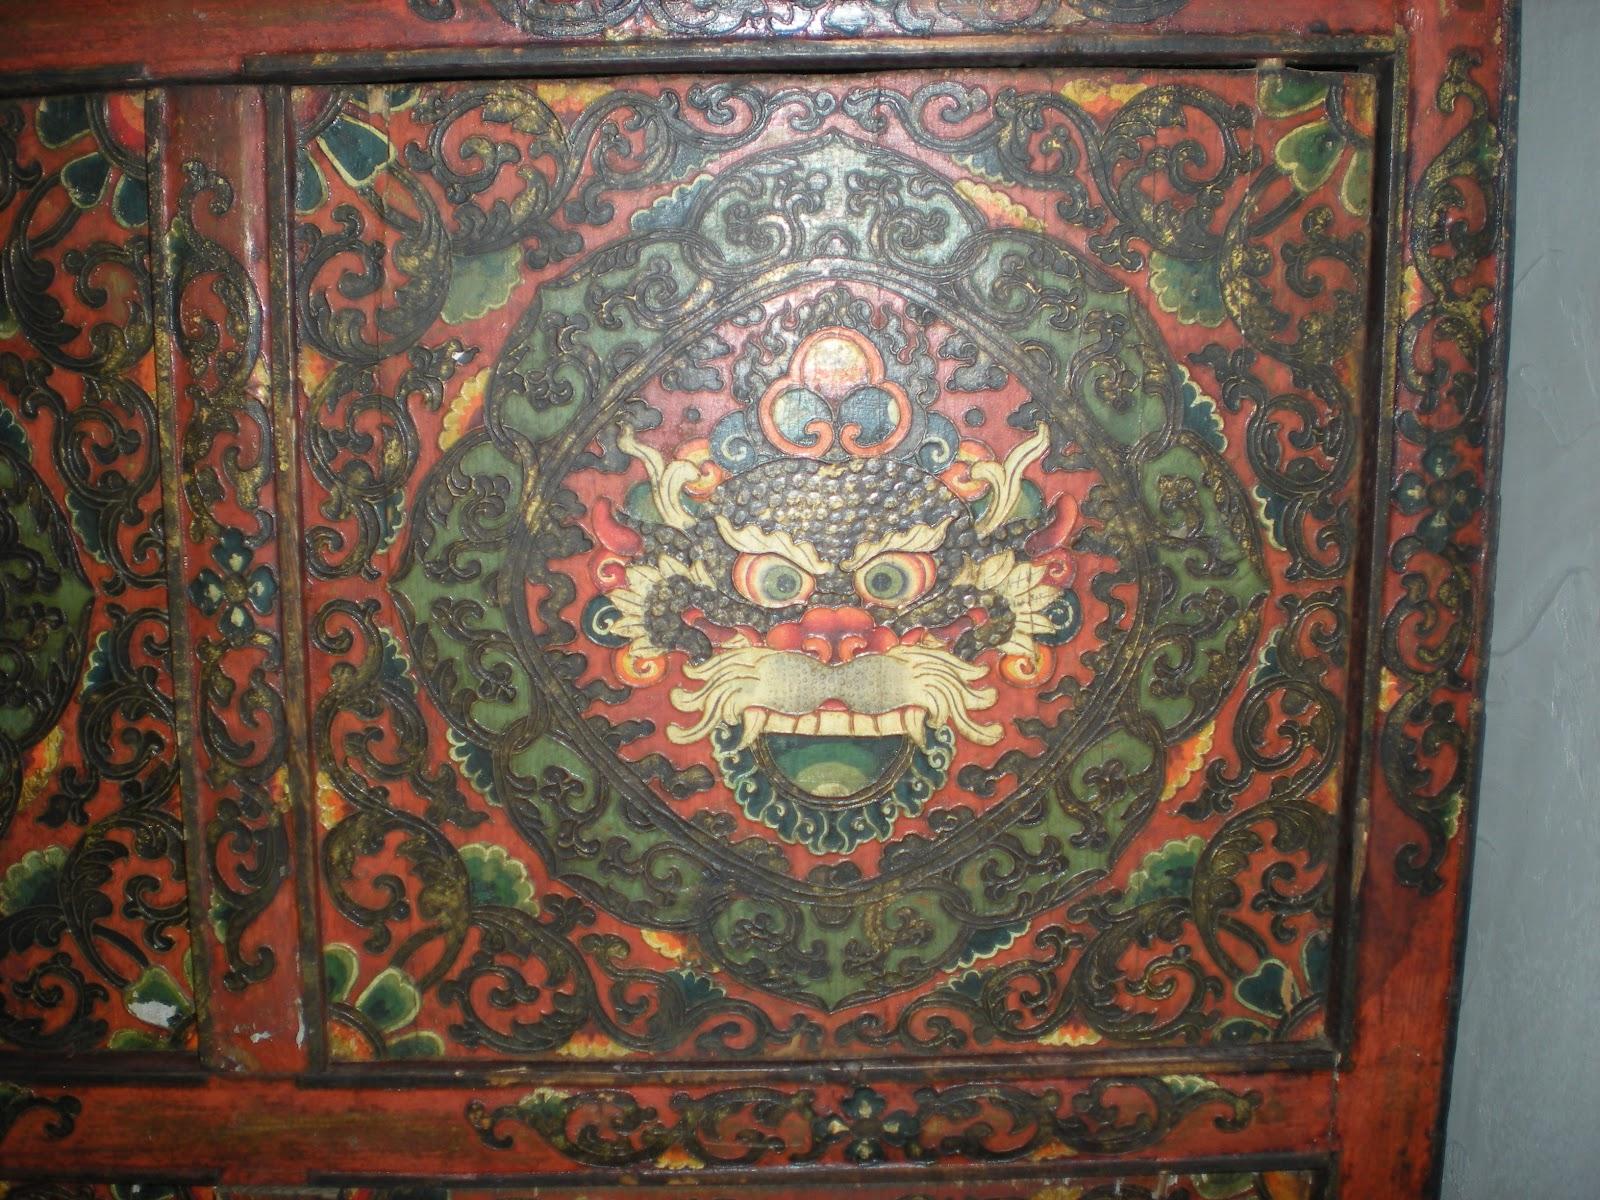 Con Letra G Tica Sobre Demonios Muebles Tibetanos Y Protectores # Muebles Tibetanos